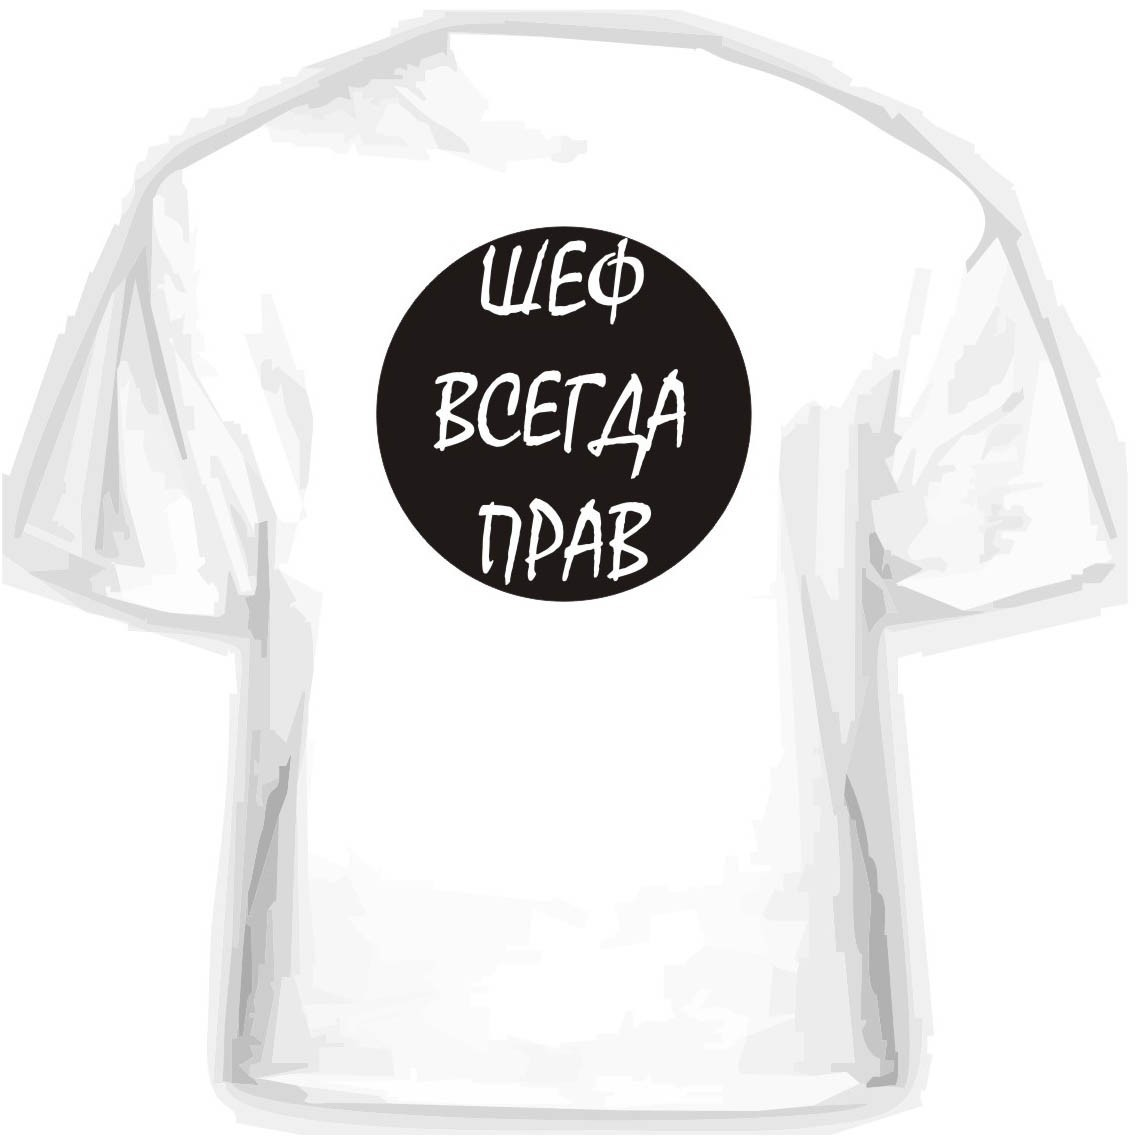 Прикольная футболка «Шеф всегда прав»